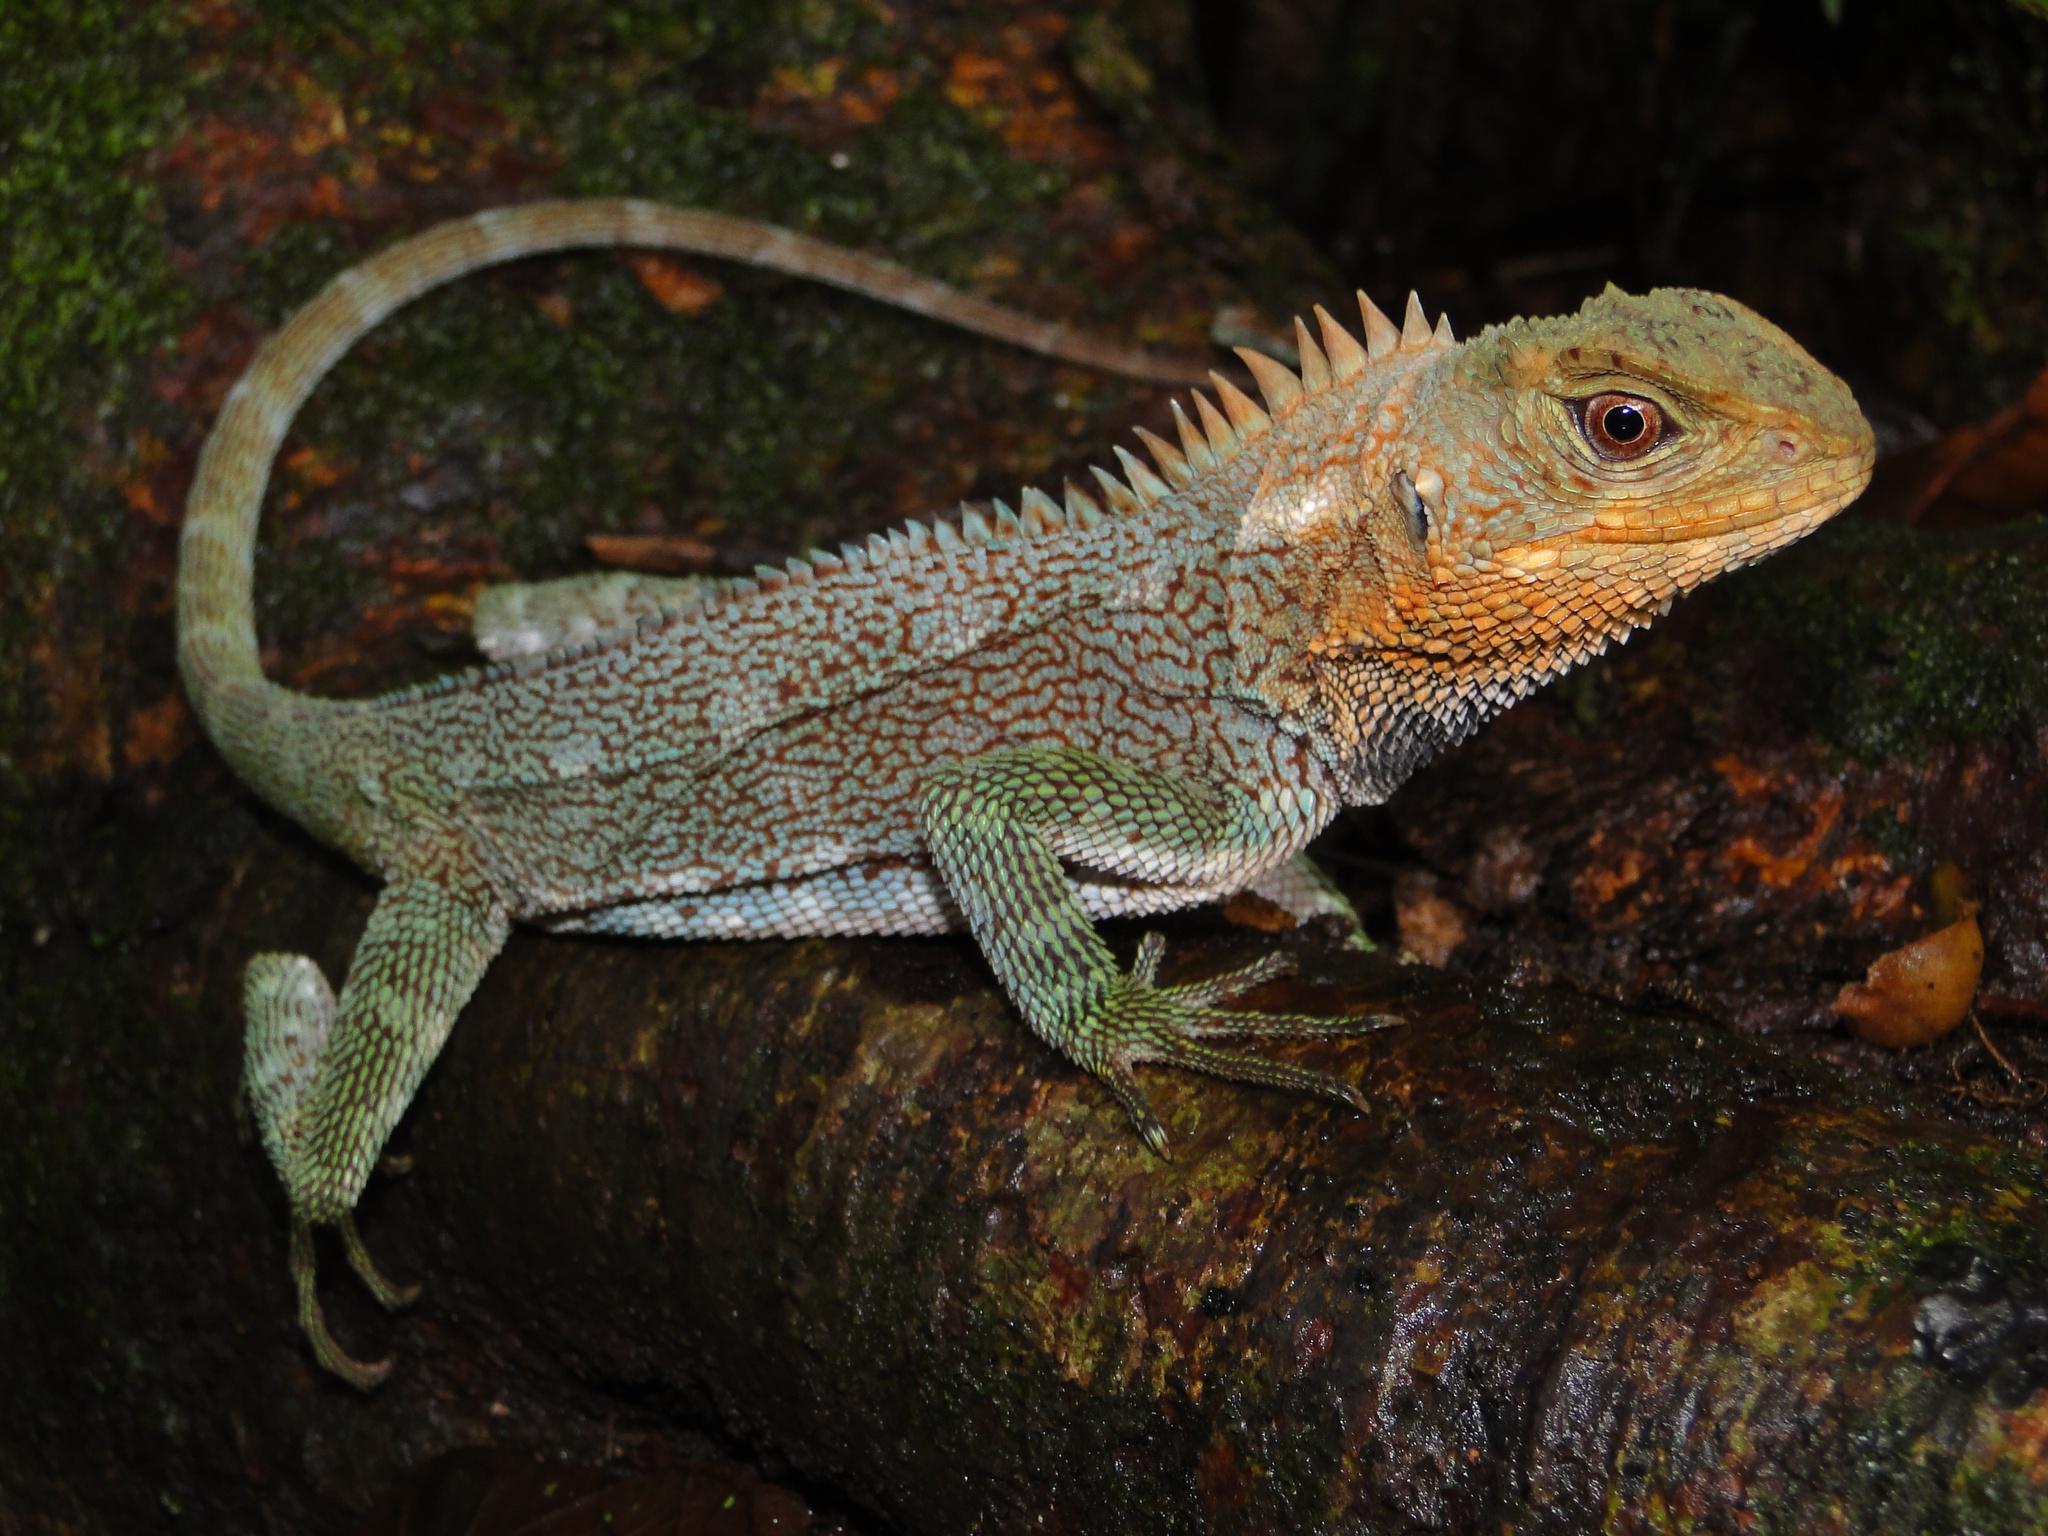 В Южной Америке обнаружили новый драконоподобный вид ящериц